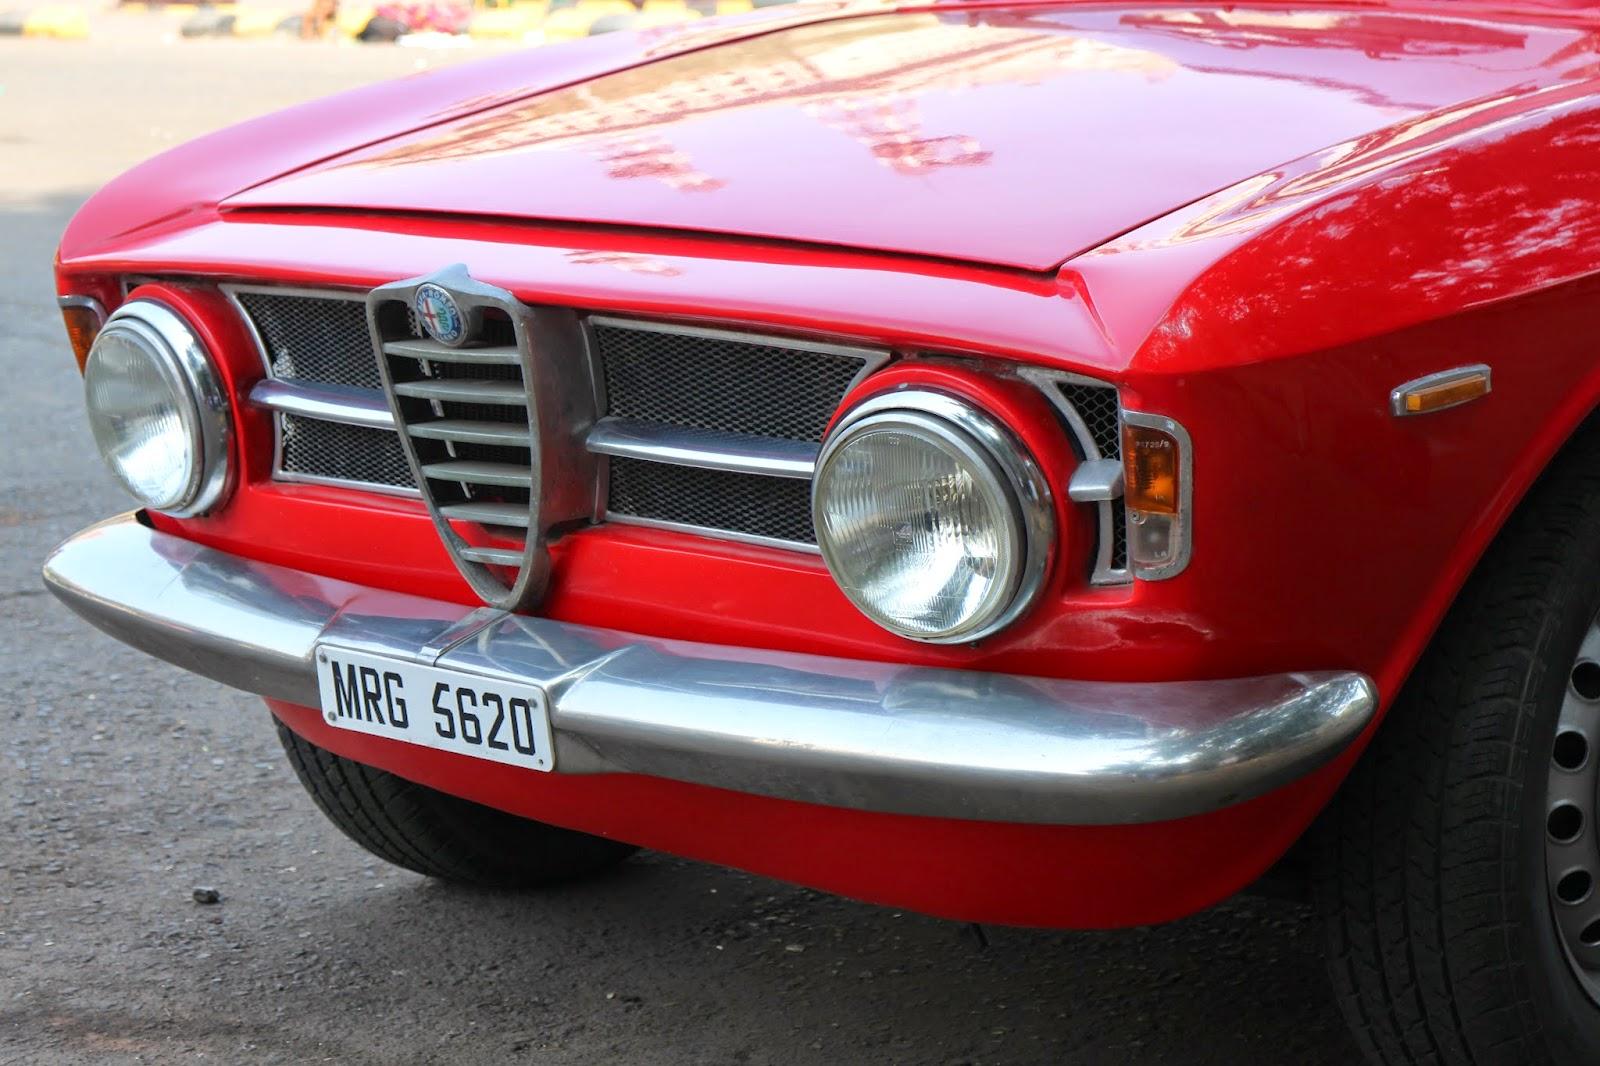 Vintage, Vintage cars, cars, AlfaRomeo, Automobile